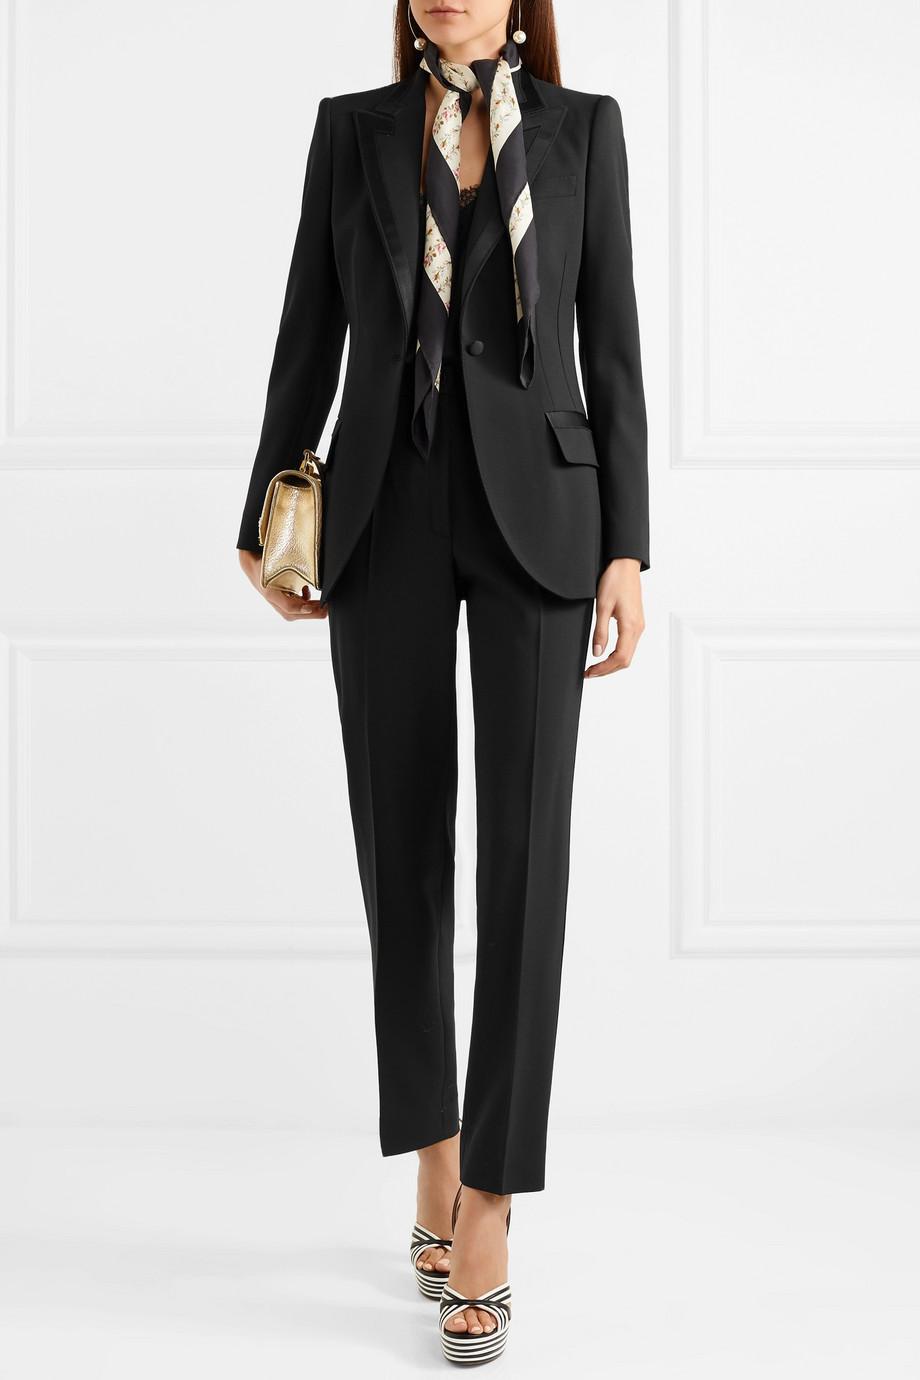 idée de blazer femme docle & gabbana, pantalon femme droit et blazer noir, un fichu élégant